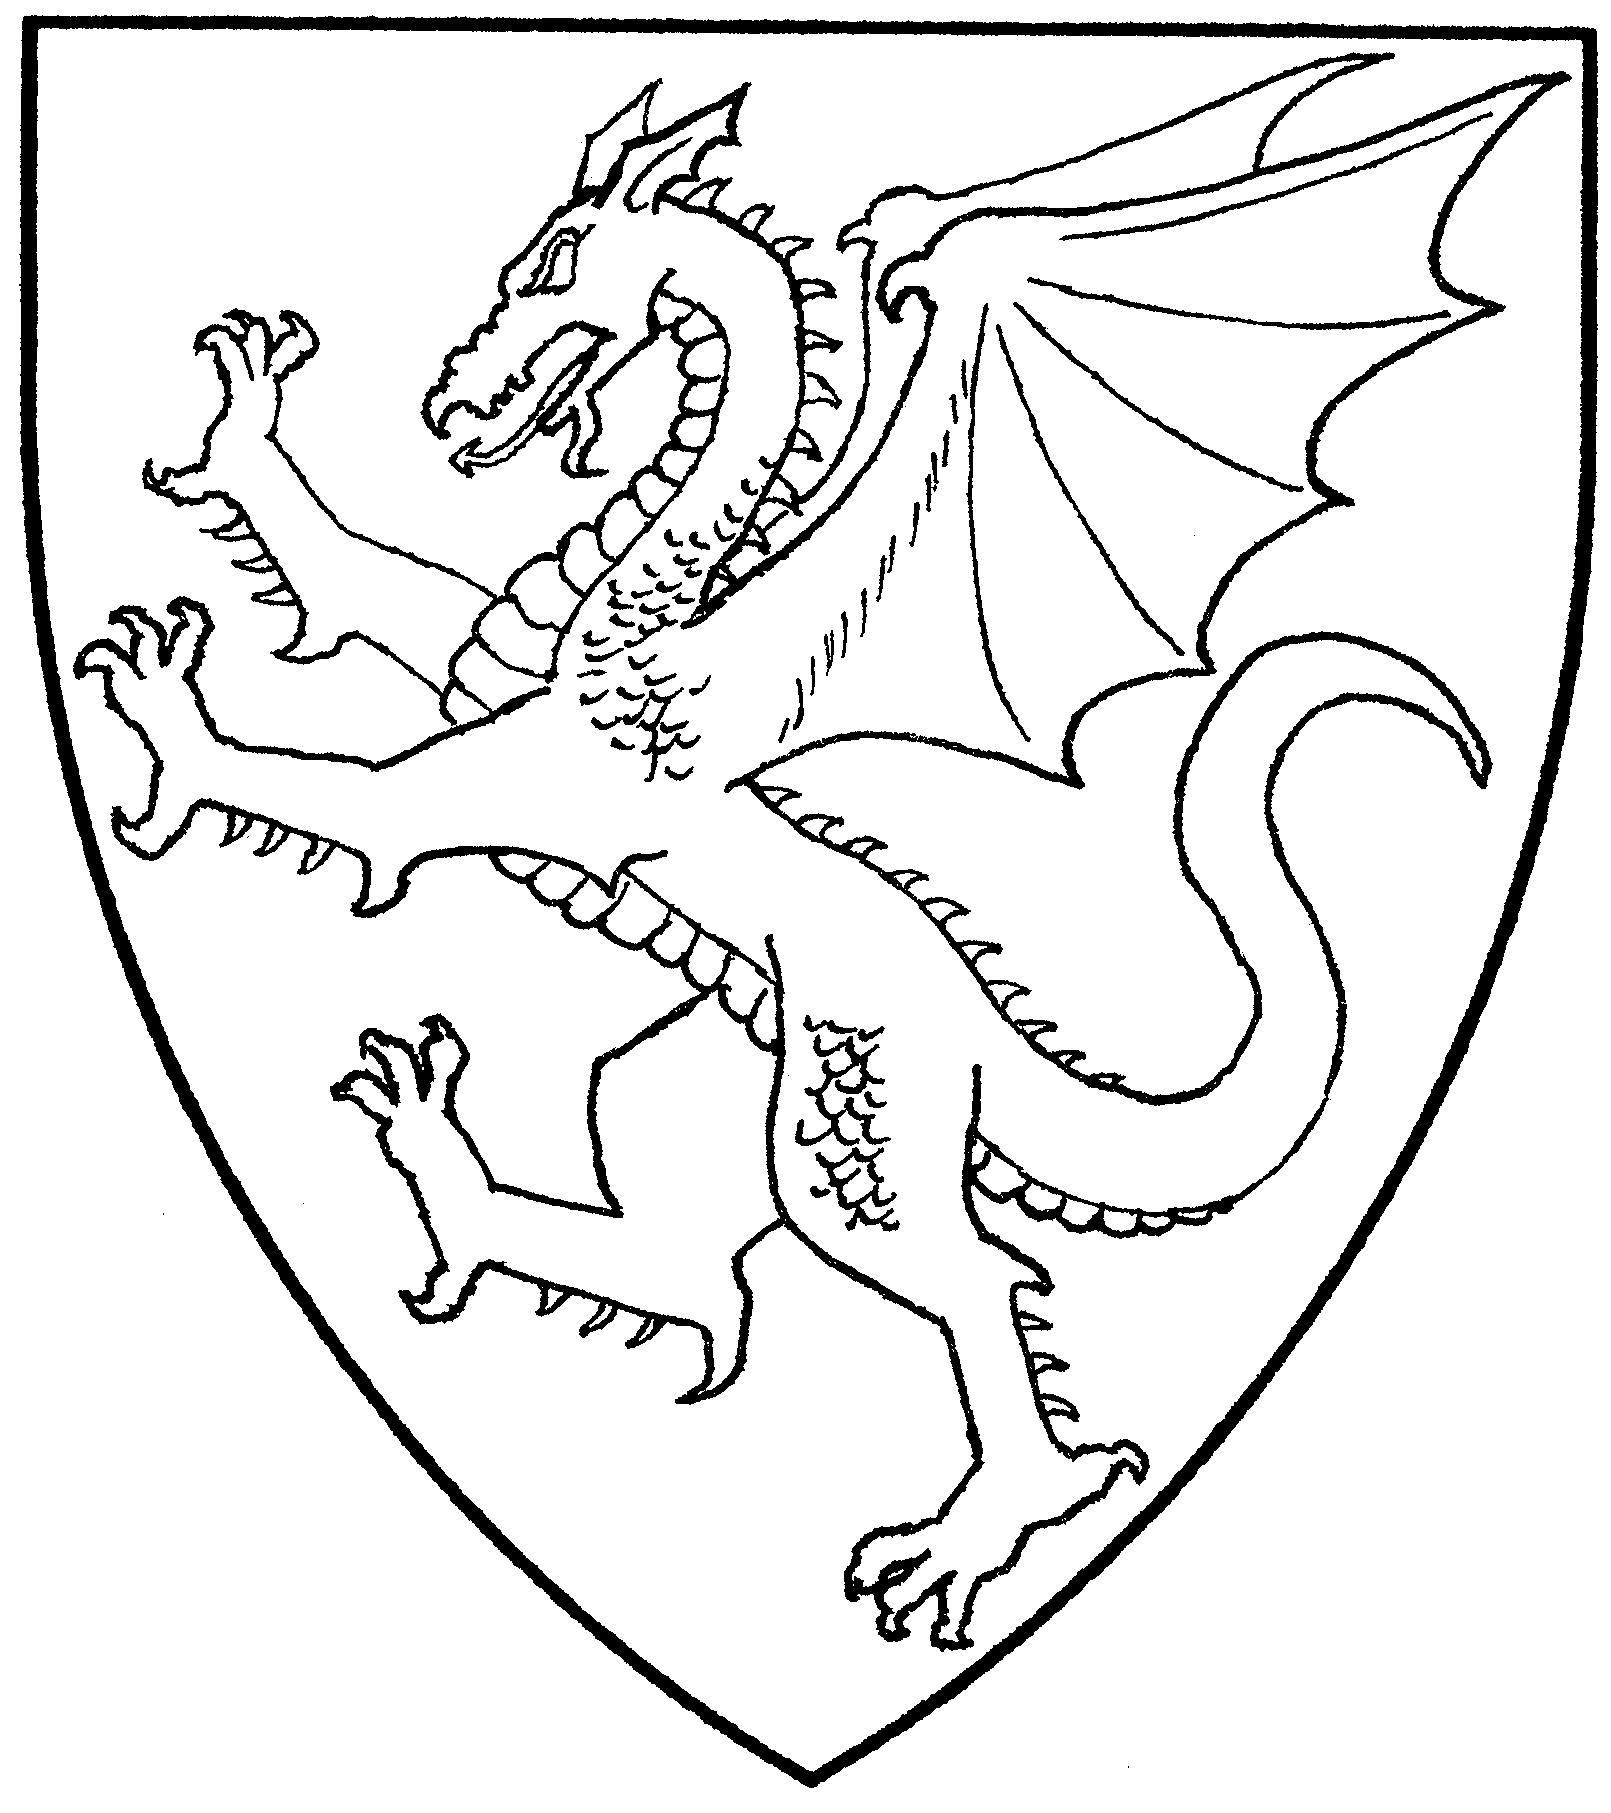 How to breed heraldic dragon - Dragon Period